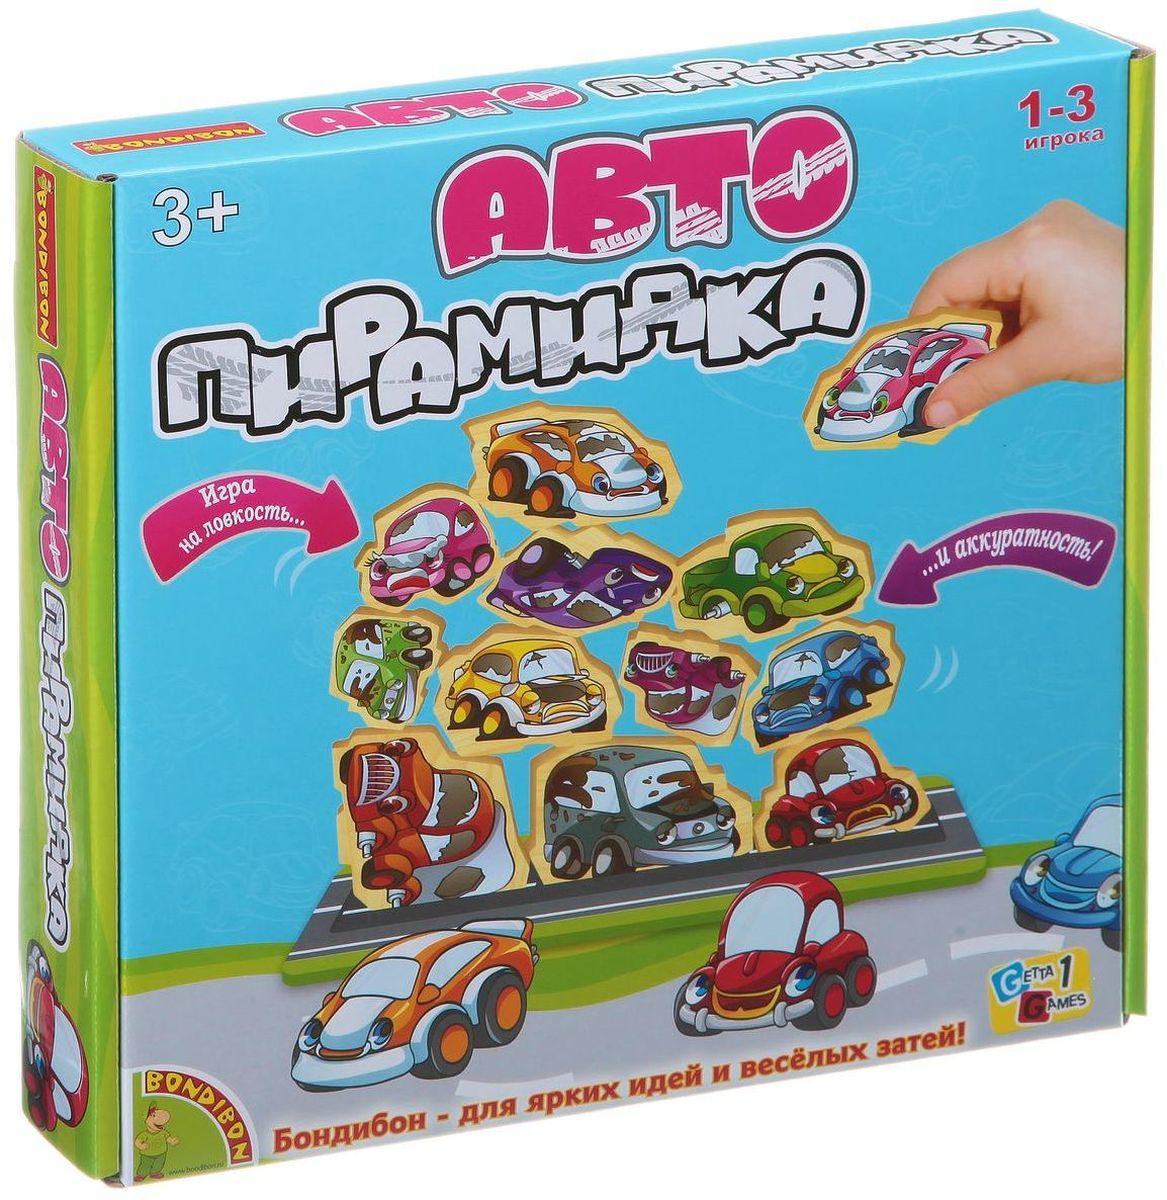 Bondibon Обучающая игра Автопирамидка